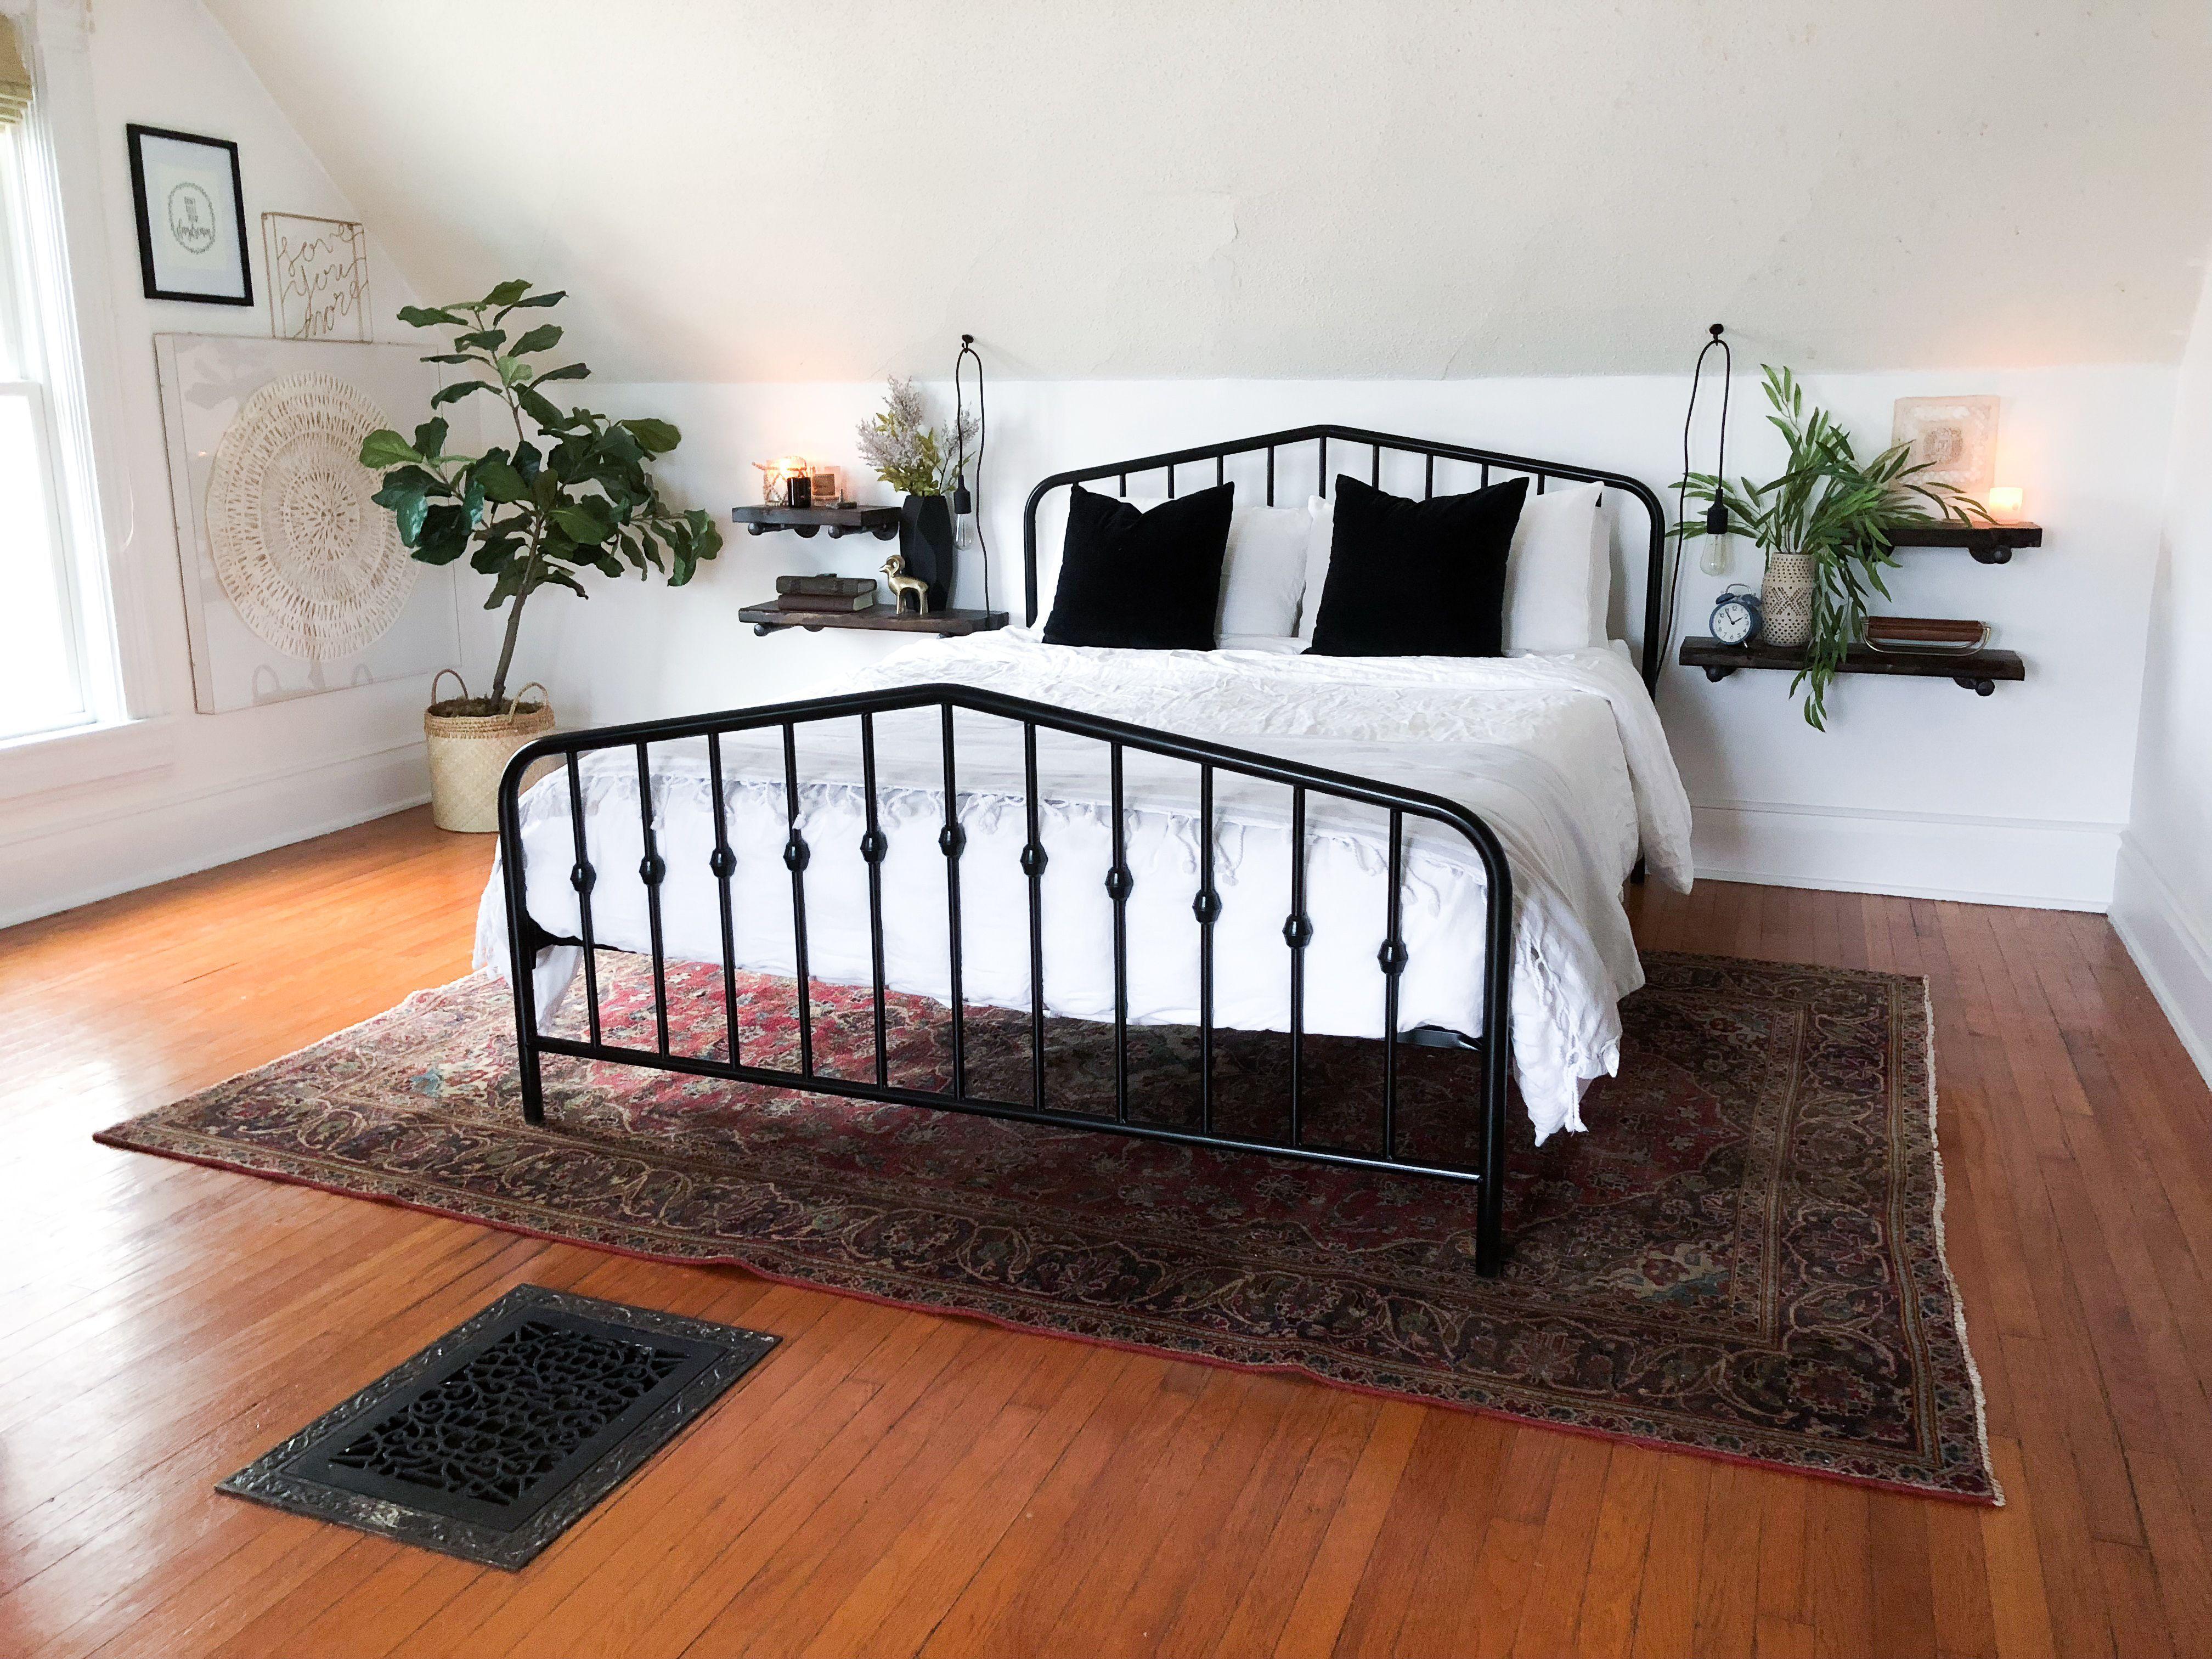 Modern Vintage Black Metal Bed Frame Vintage Rug White Walls